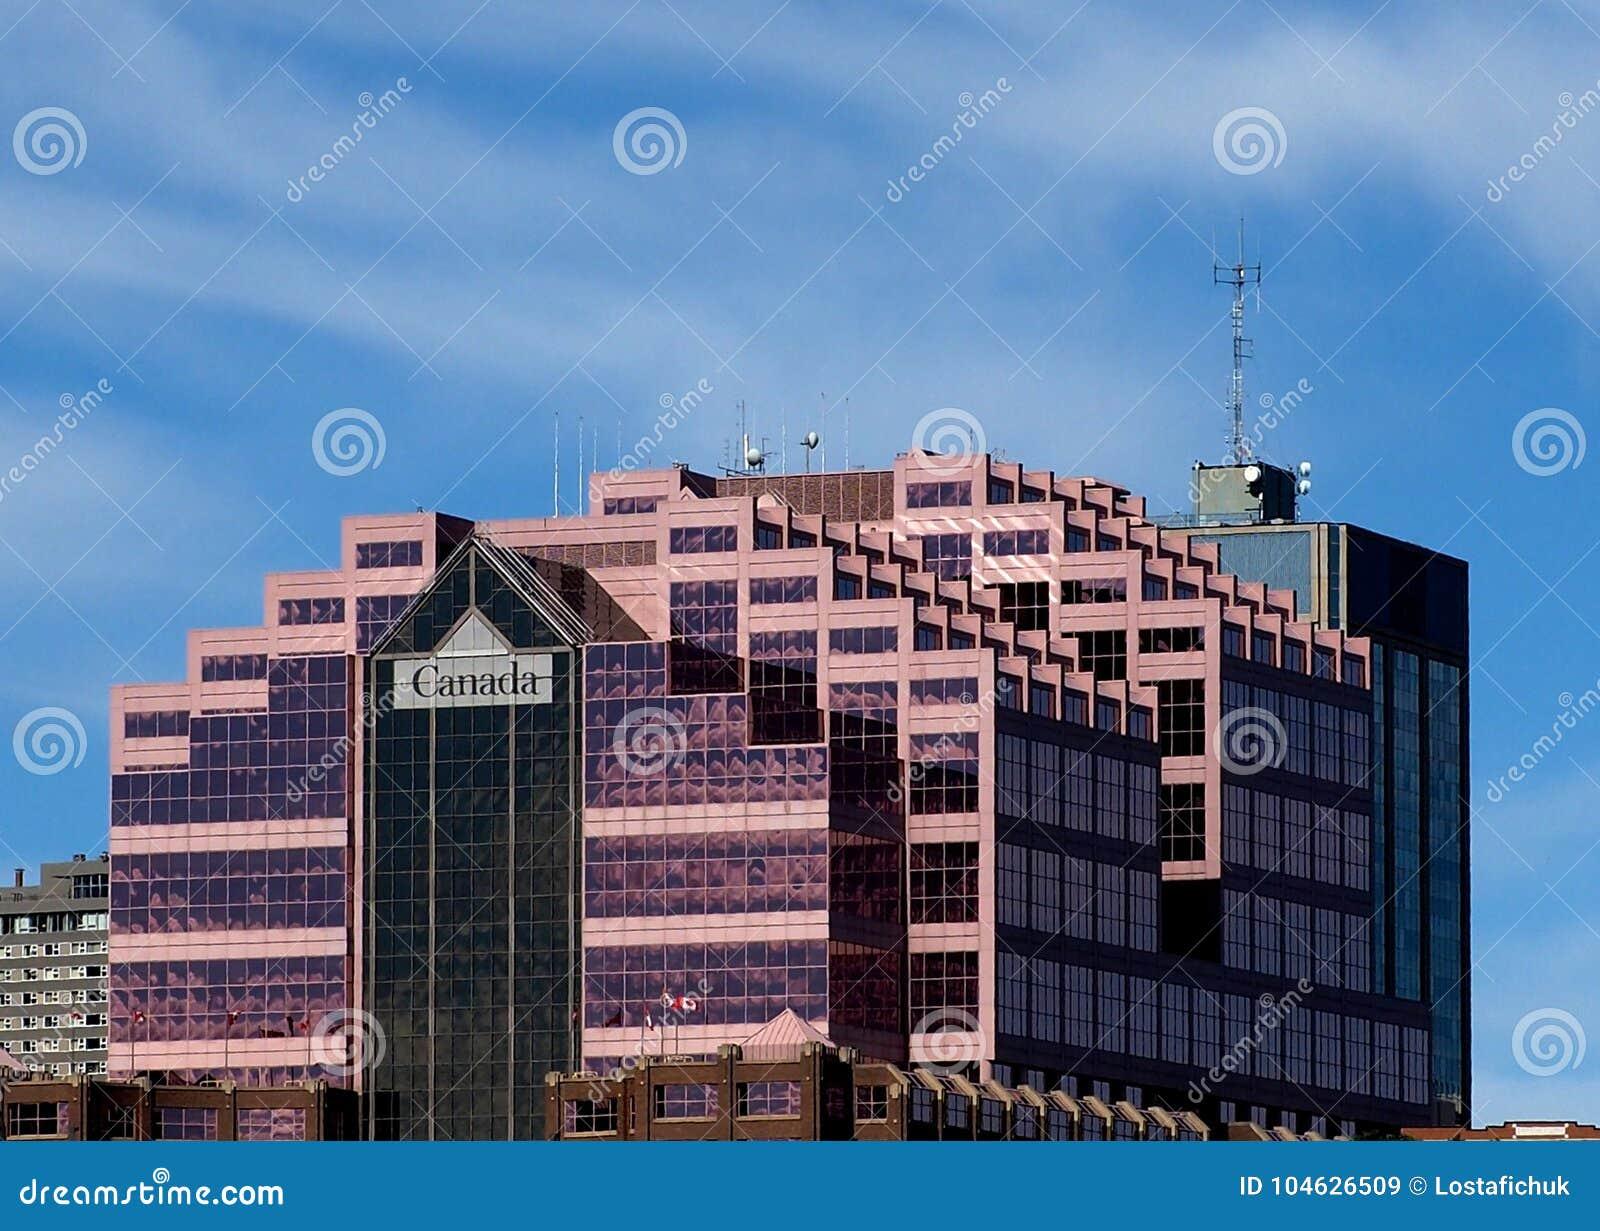 Download Canada Place De Bouw In Edmonton Alberta Redactionele Stock Afbeelding - Afbeelding bestaande uit hemel, stad: 104626509